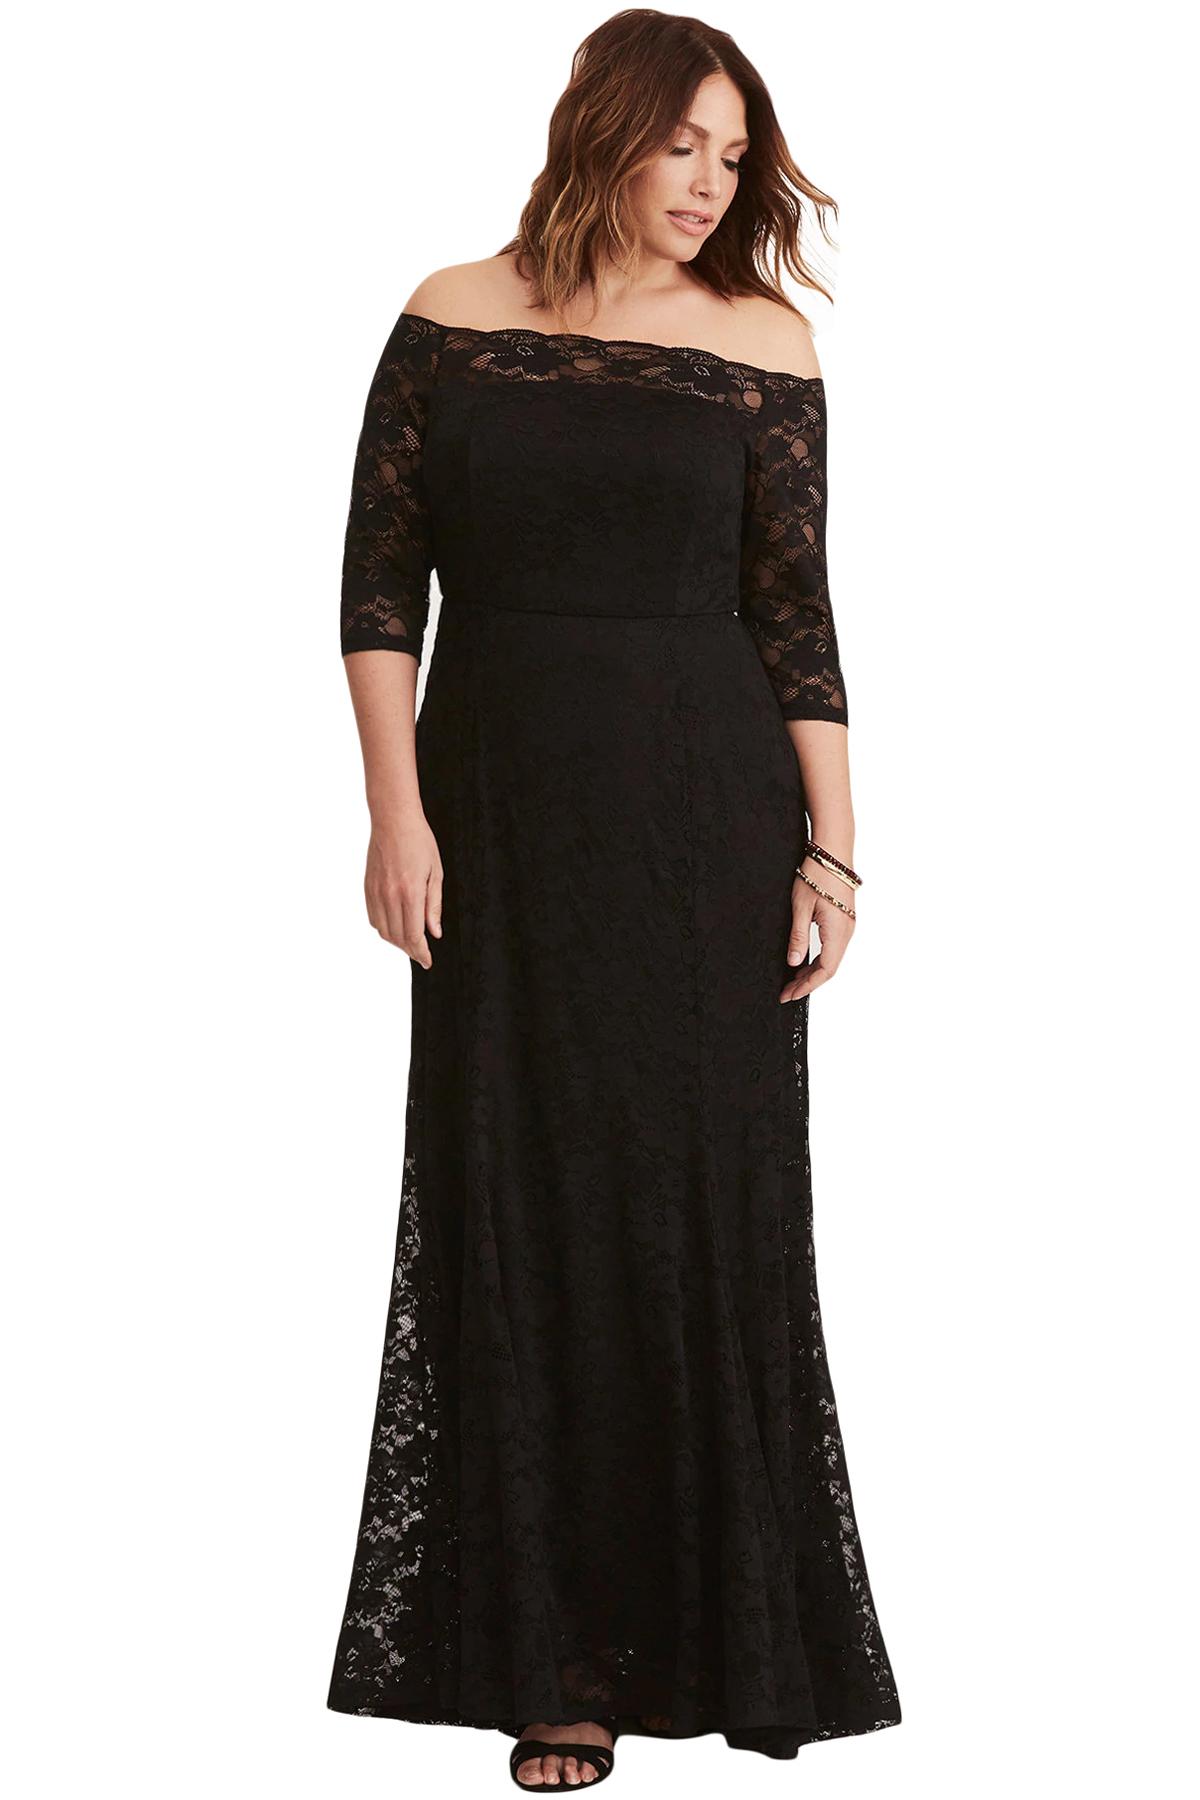 78057119ffb2 Společenské šaty pro plnoštíhlé krajkové dlouhé